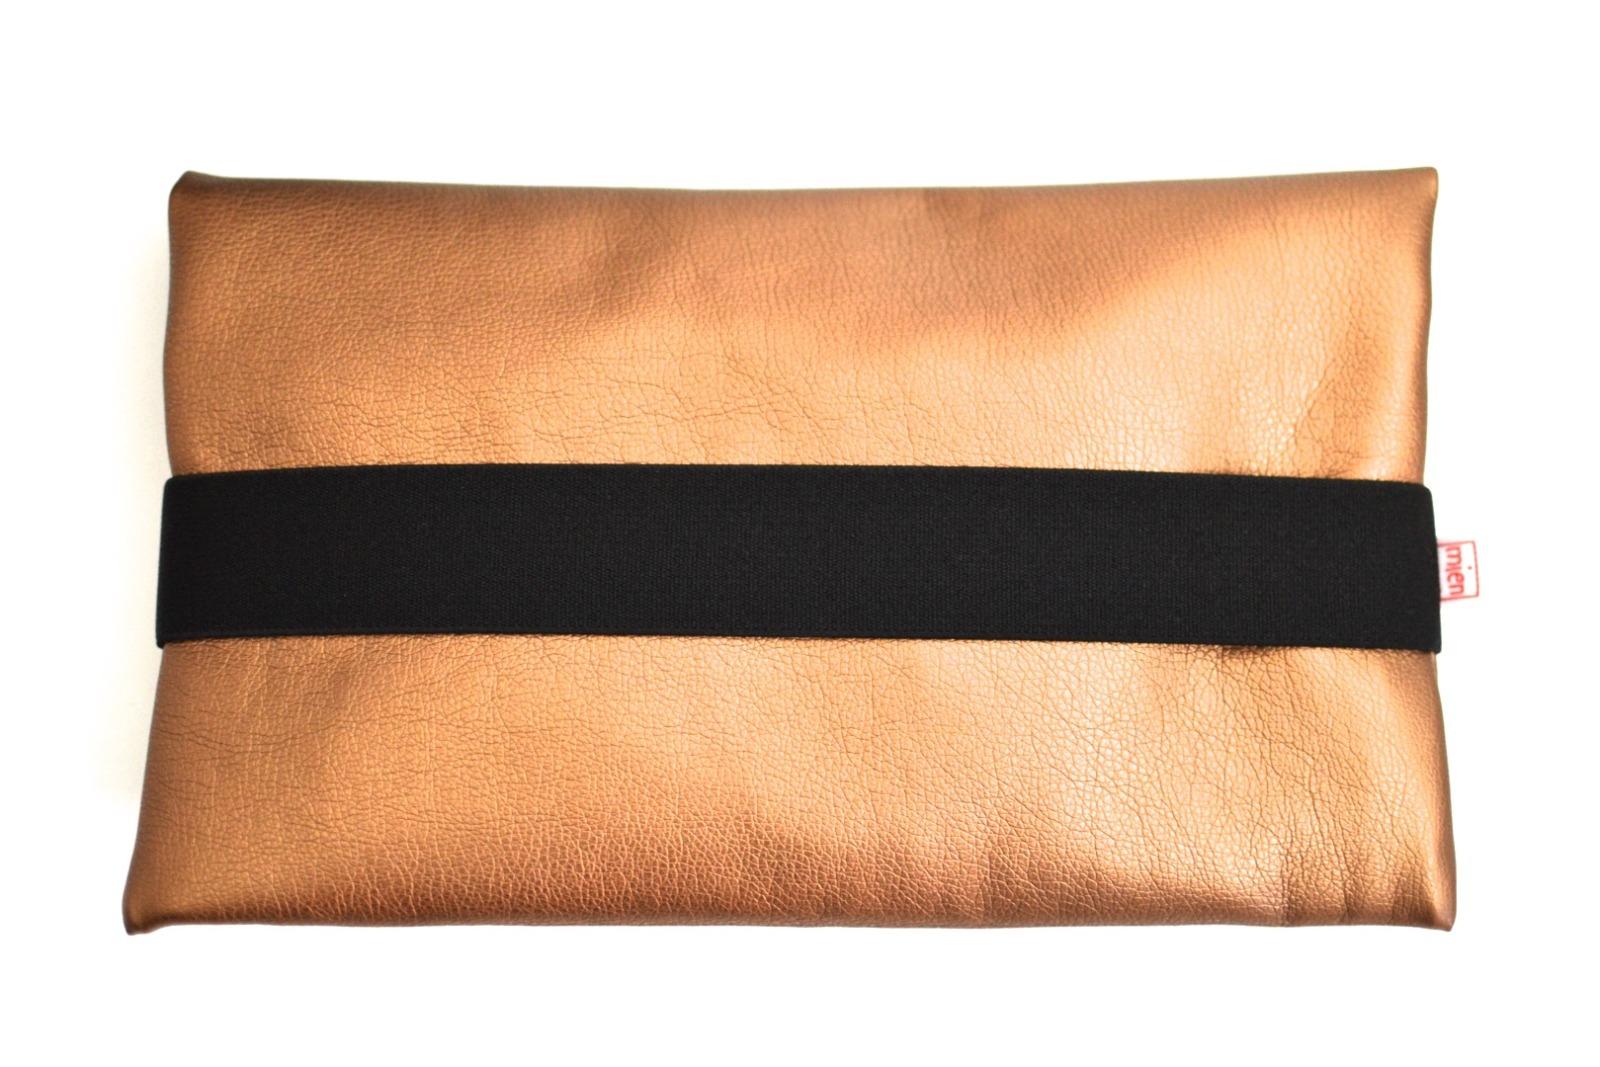 Geschenk zur Geburt - Wickeltasche